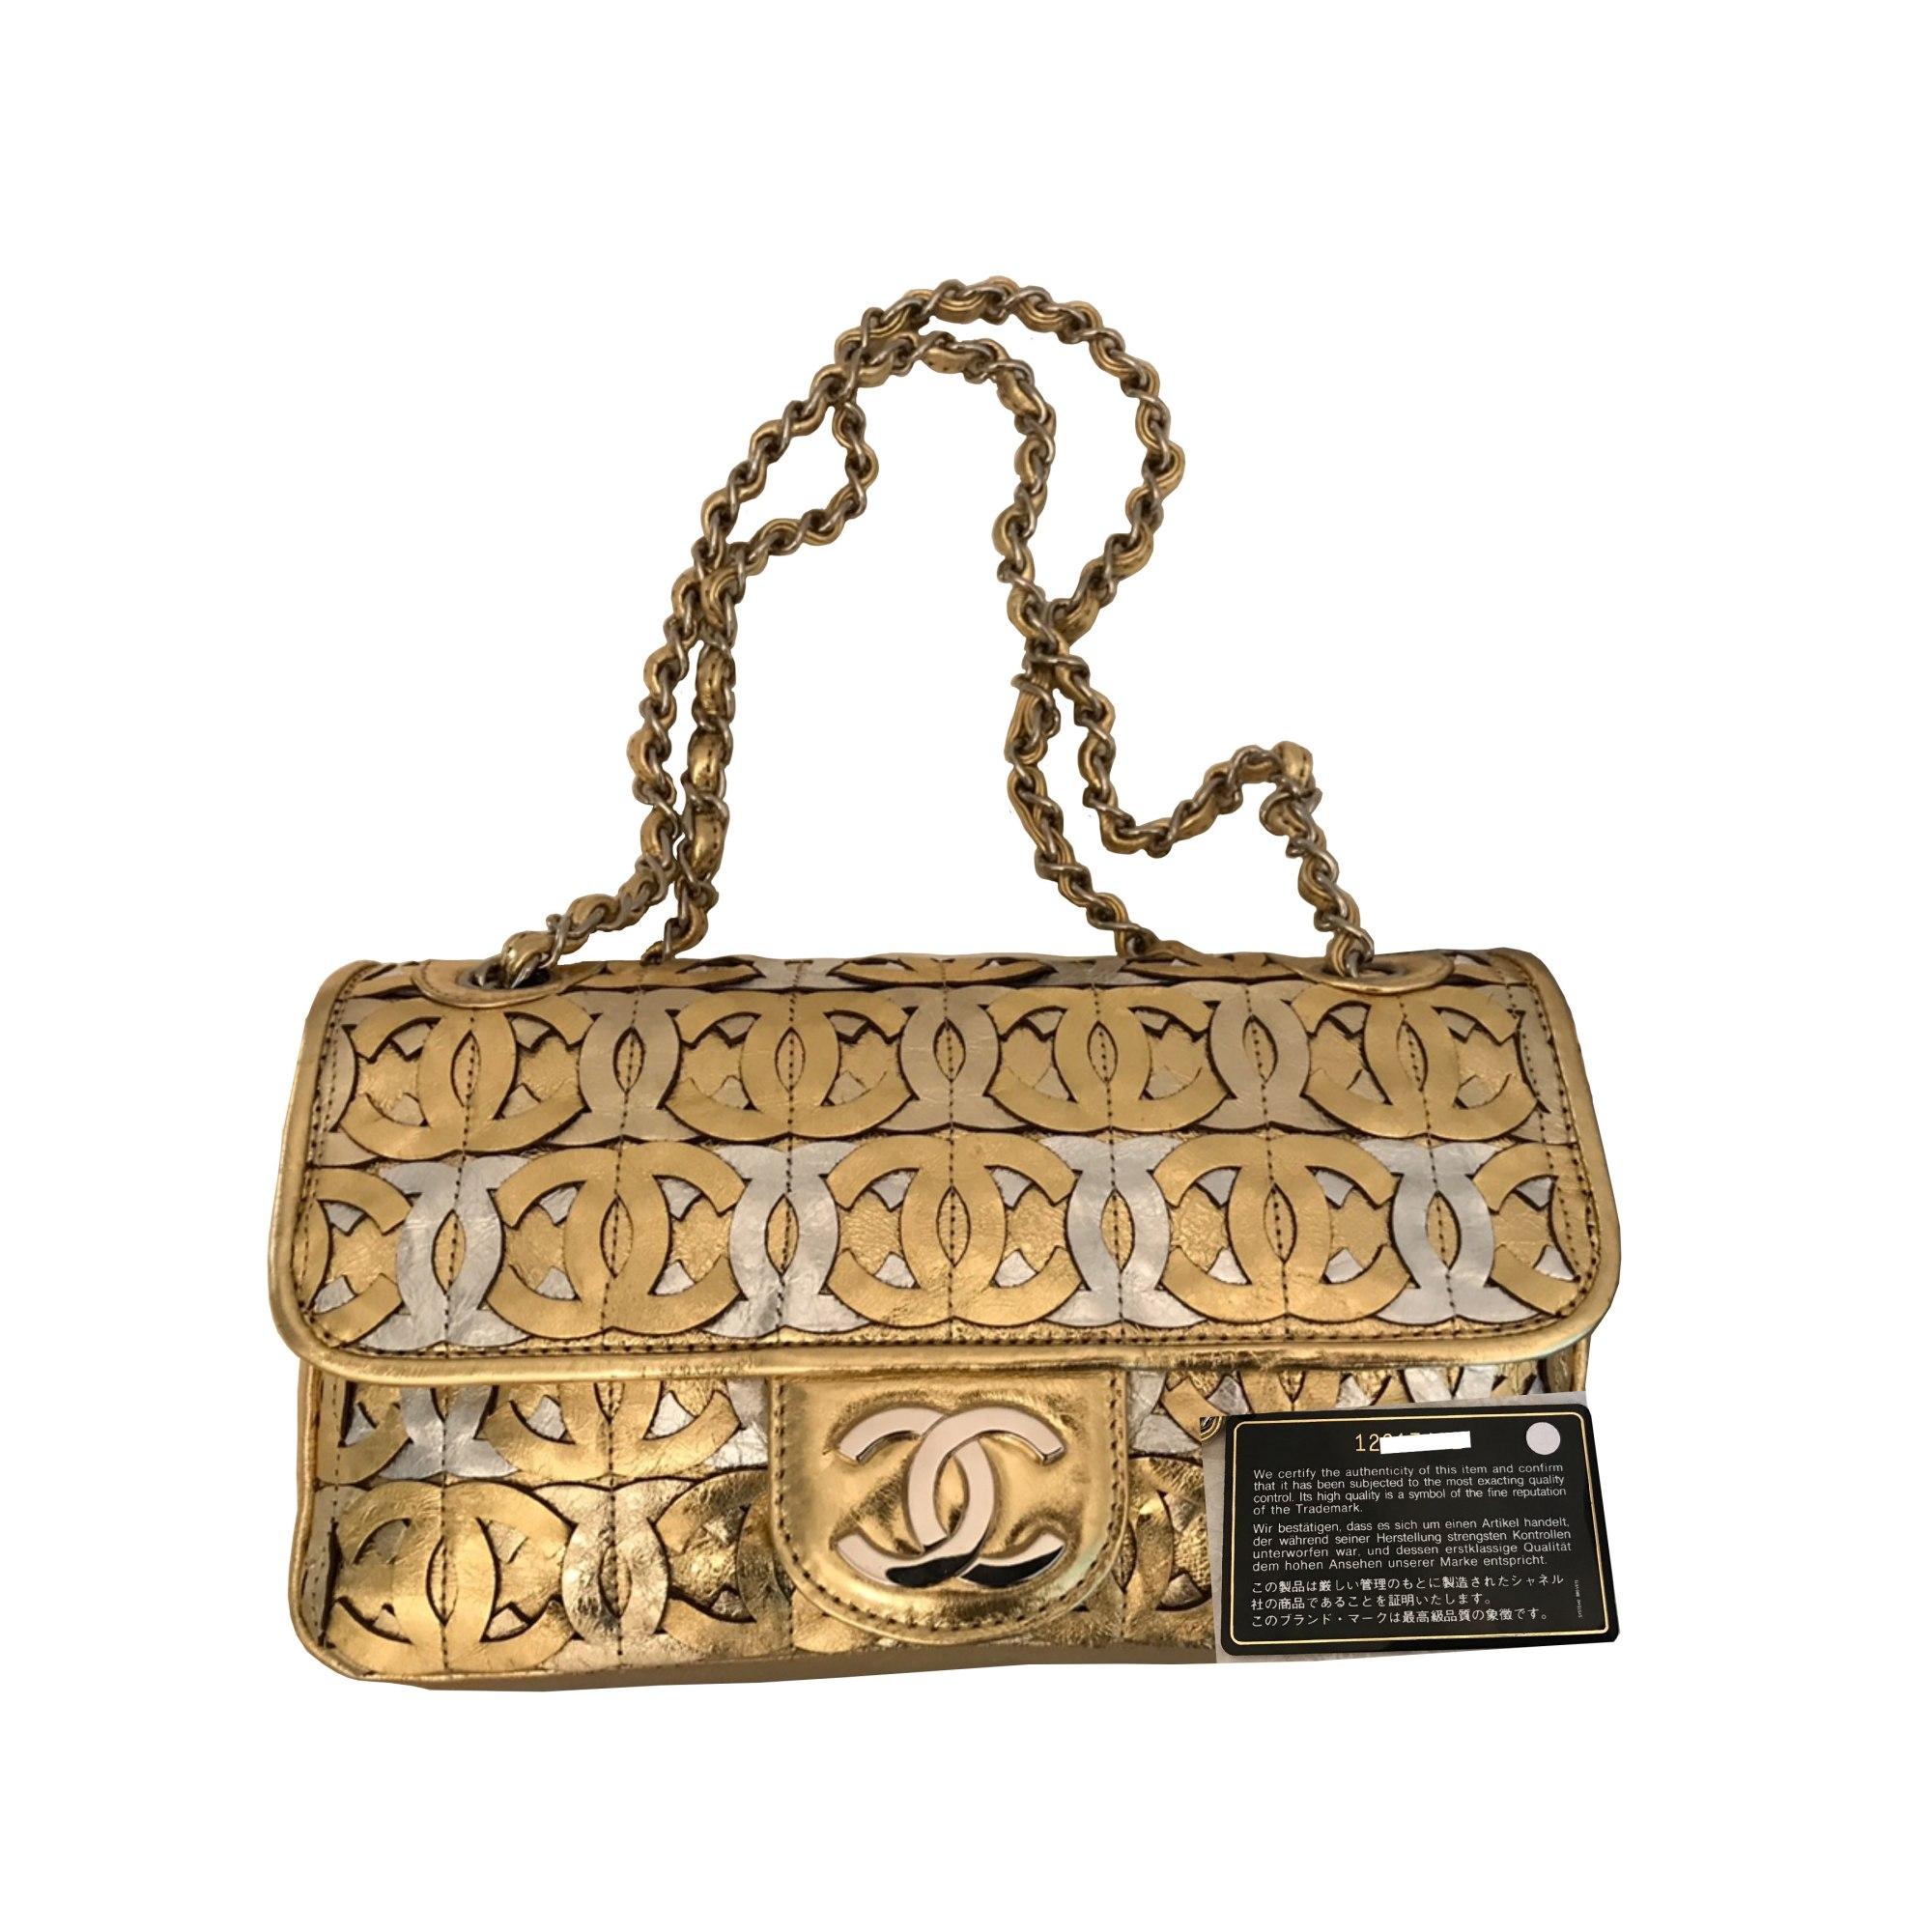 b67b1e6ee3293f Sac à main en cuir CHANEL Timeless Doré, bronze, cuivre